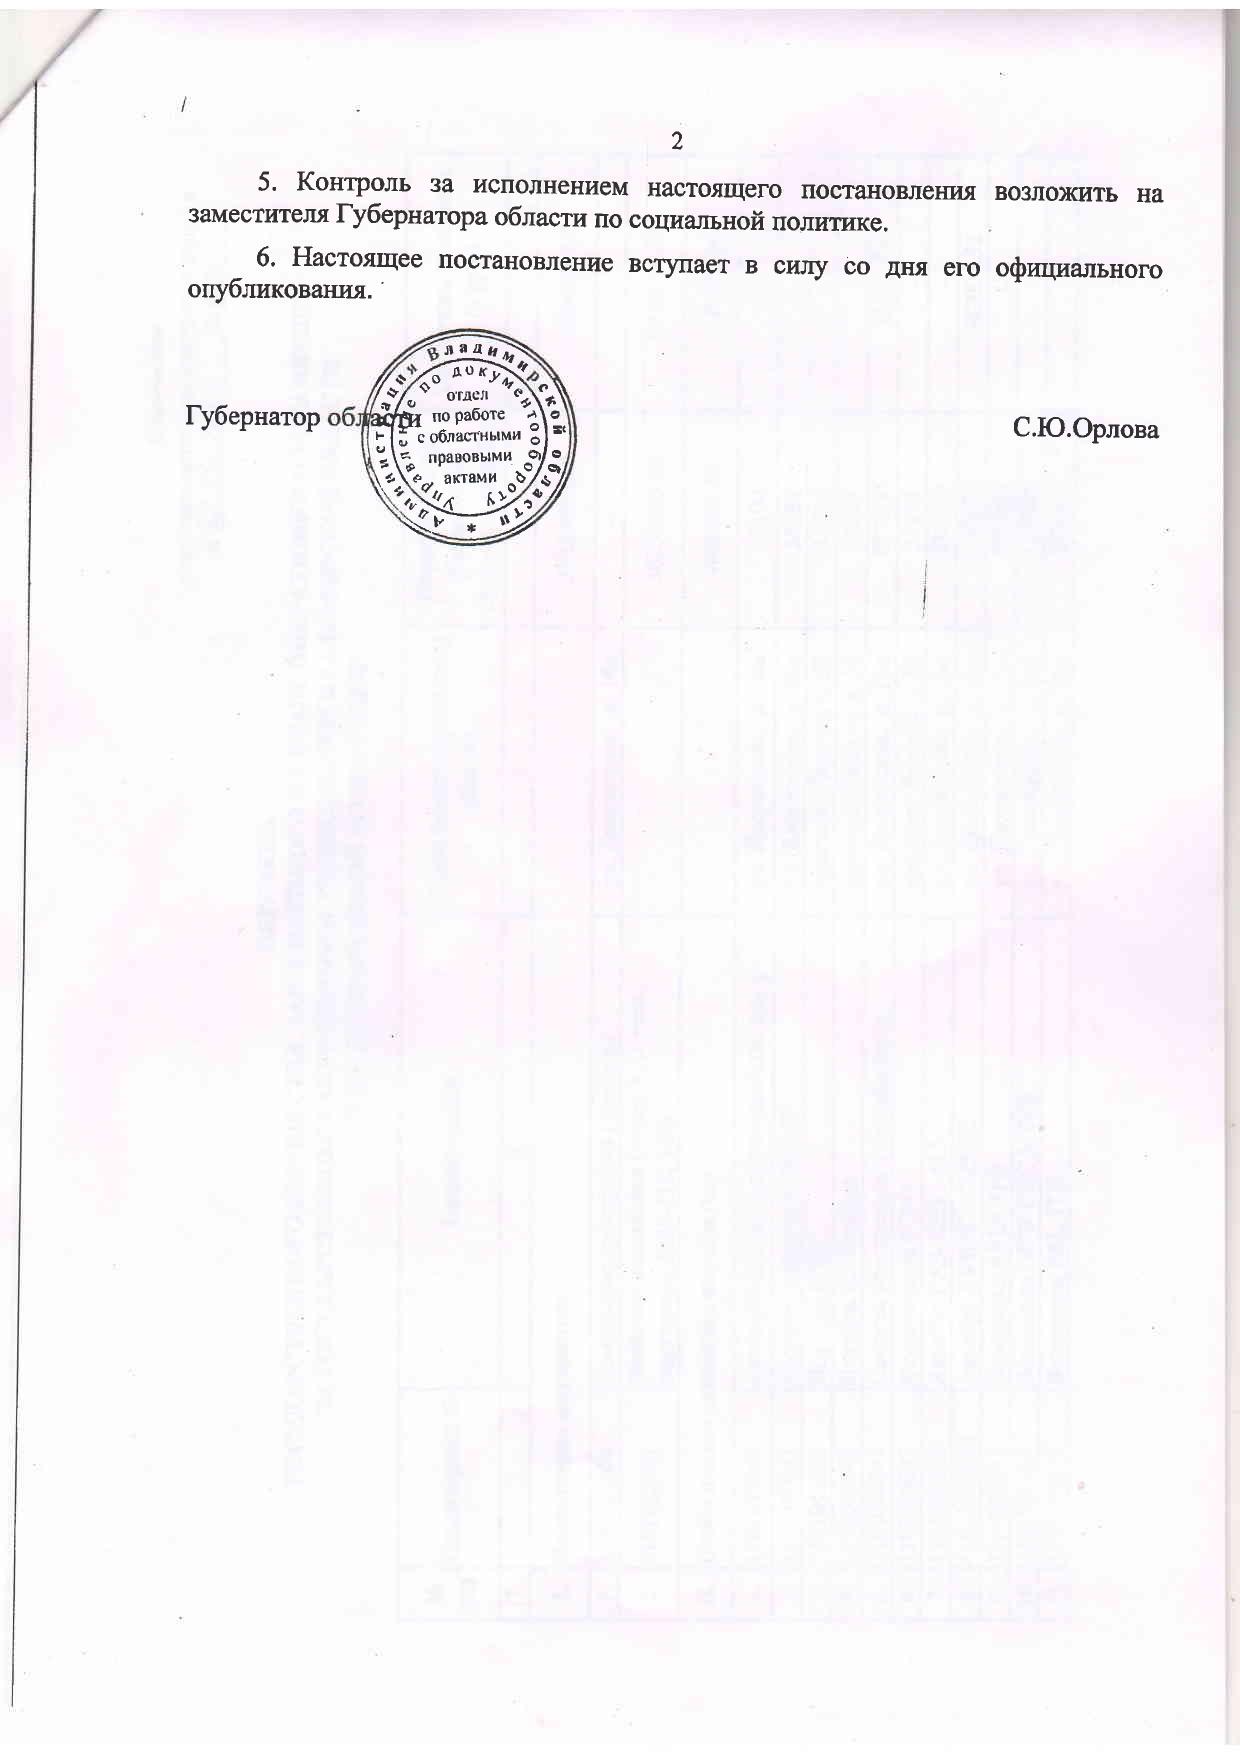 ПАО о создании учреждения_page-0002